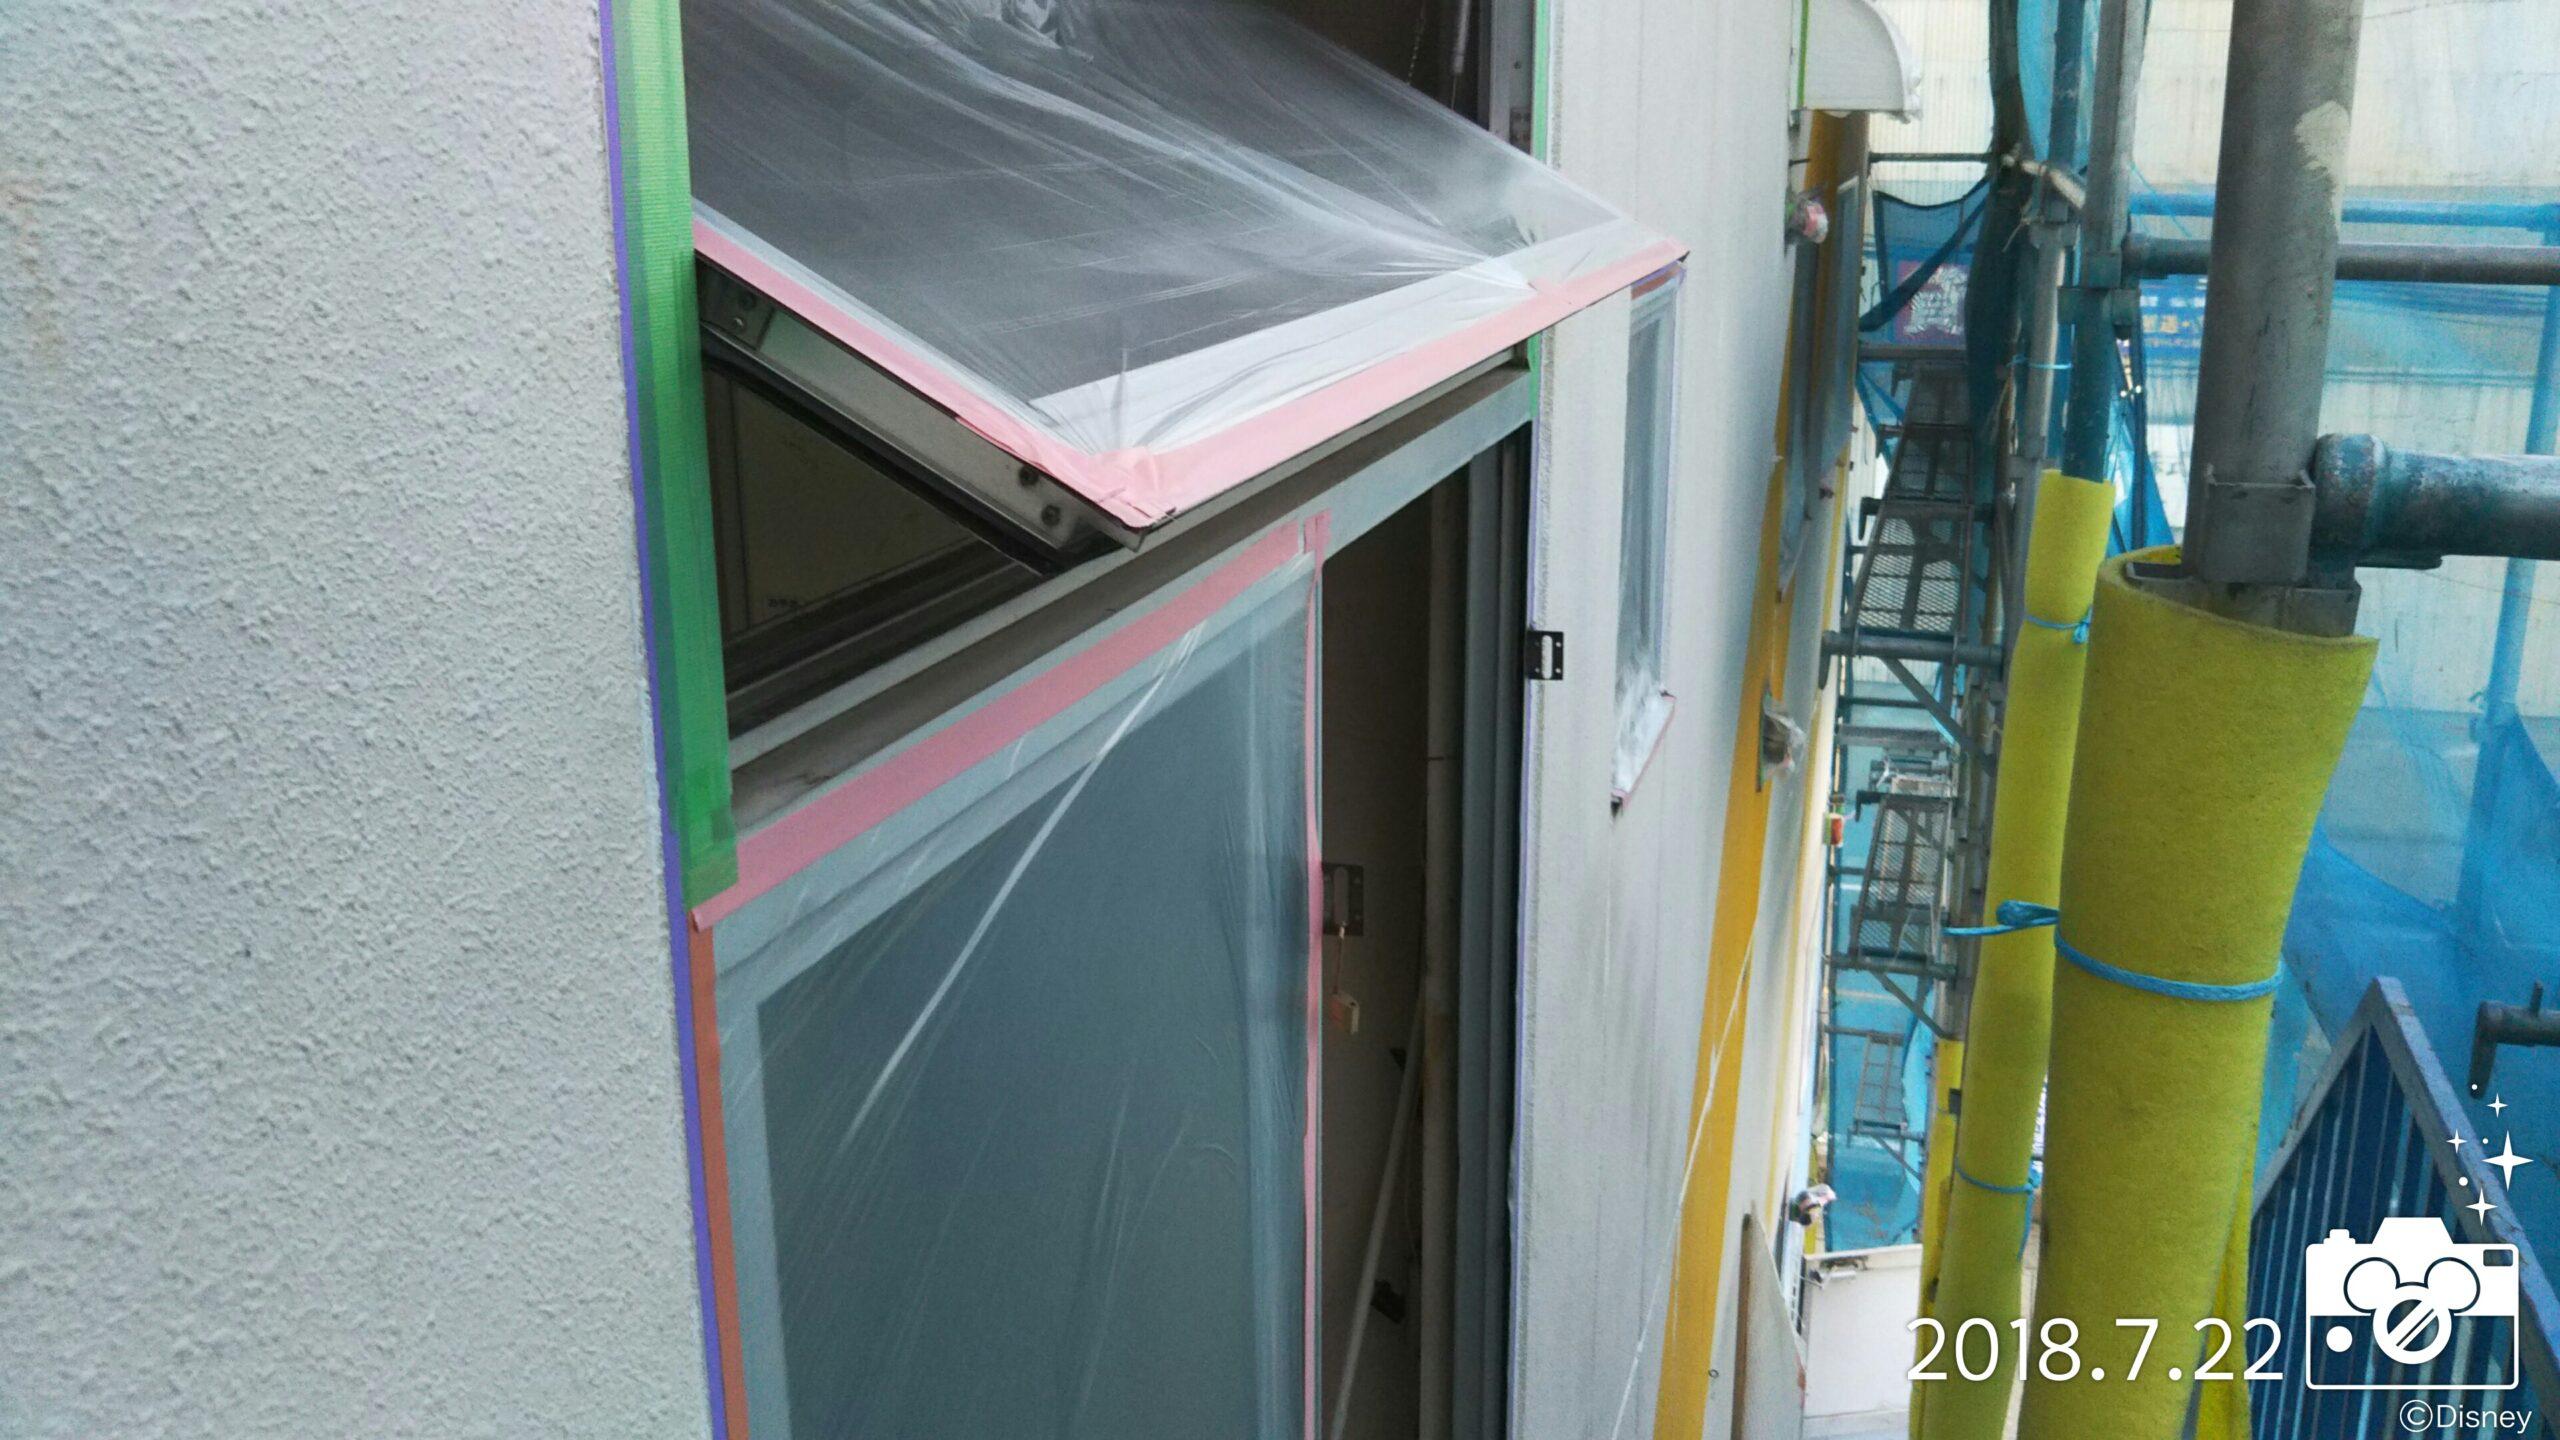 埼玉県さいたま市 外壁塗装及び鉄部塗装 埼玉県さいたま市見沼区の某工場にて塗り替えリフォーム中